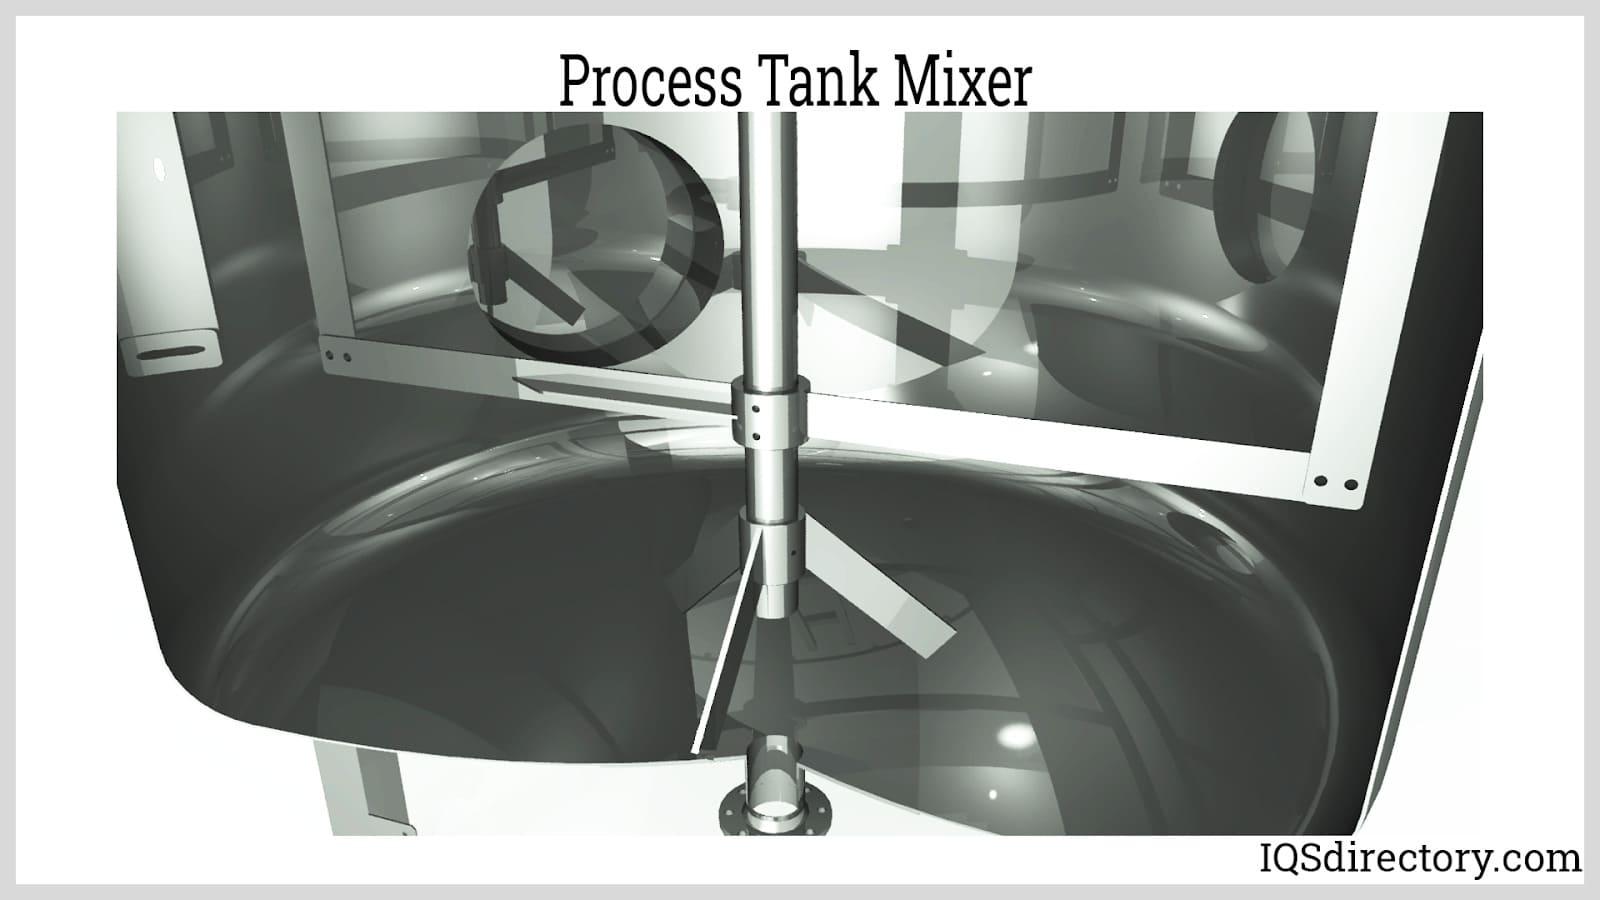 Process Tank Mixer